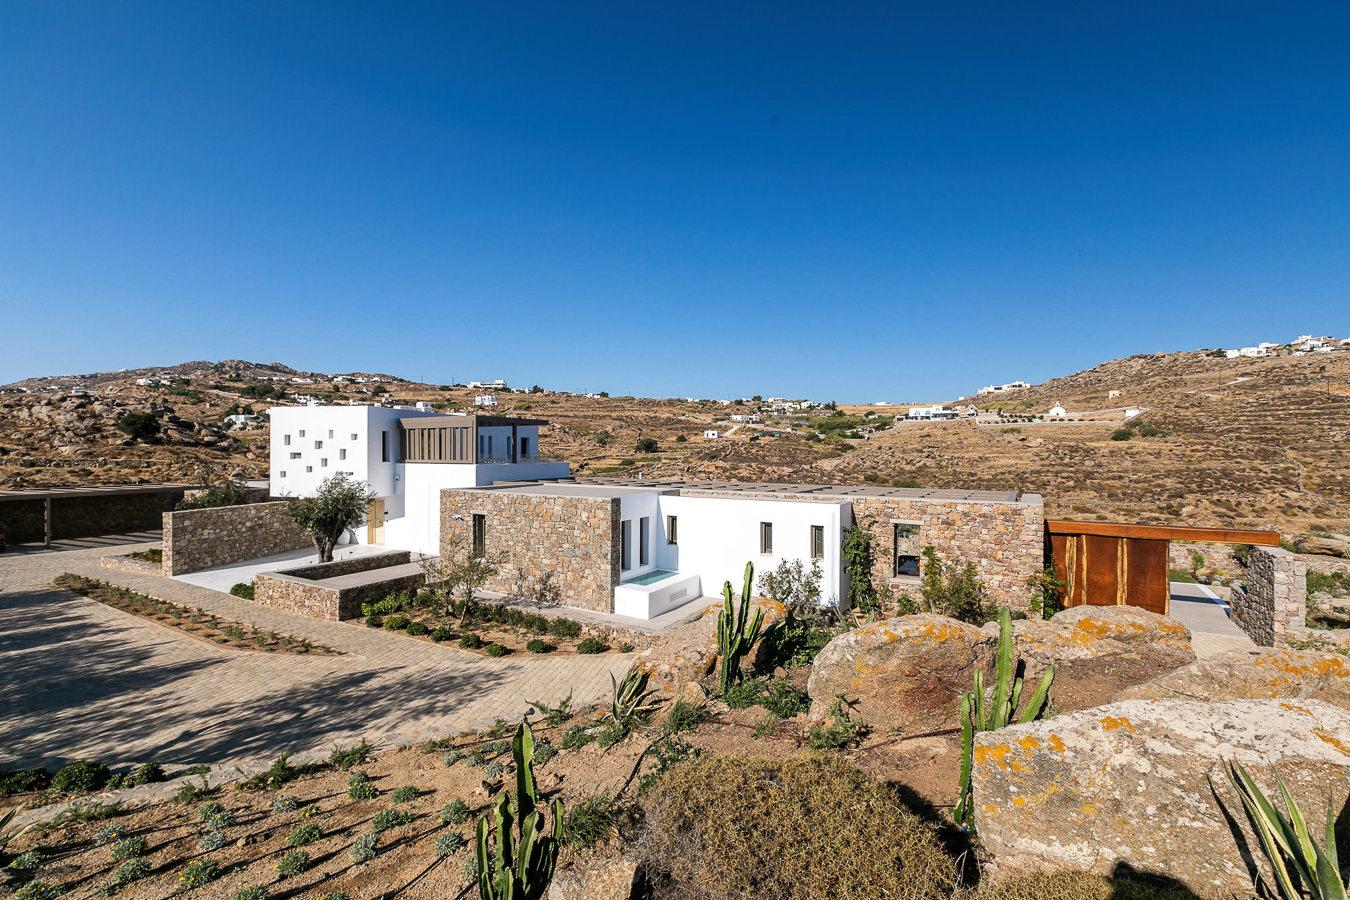 Ataraxia Estate, Mykonos, Γιώργος Φάκαρος - Αρχιτεκτονική Φωτογραφία | Εσωτερικοί Χώροι | Φωτογραφία Ξενοδοχειών - Photography / Φωτογραφία